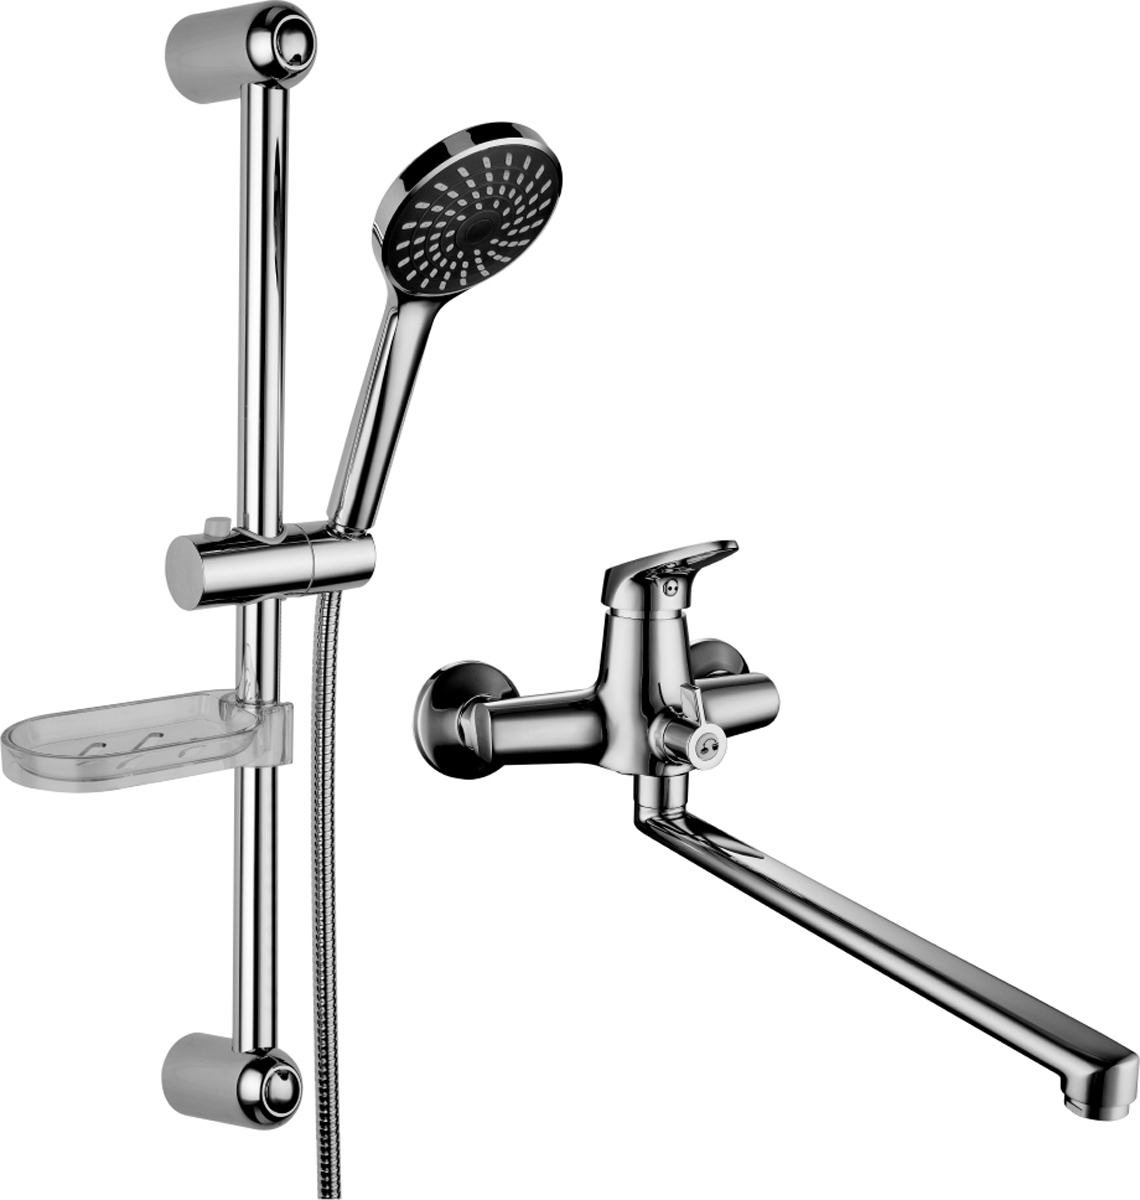 Смеситель Lemark Set, для ванной, 2 в 1LM7303CLM7303C.Комплект смесителей «2 в 1»:Смеситель универсальный с плоским поворотным изливом 350 мм.• аэратор• керамический картридж 35 мм• переключатель с керамическими пластинами• металлическая рукояткаДушевой гарнитур.• стойка для душа. Высота – 595 мм• 1-функциональная лейка O98 мм. Режим: распыление• регулируемое по высоте крепление для лейки• душевой шланг 1,5 м (стальной, оплетка с двойным загибом)• регулируемая по высоте мыльницаСмесители LEMARK рассчитаны на 30 лет комфортной эксплуатации.В них соединены современные технологии производства и продуманный конструктив. Установлены комплектующие от известных мировых производителей, являющихся лидерами в своих сегментах:• немецкие аэраторы Neoperl – устройства, регулирующие расход воды;• керамические картриджи и кран-буксы испанской фирмы Sedal.Вся продукция LEMARK устанавливается не только в частном секторе, но и с успехом эксплуатируется в офисах Hewlett-Packard, Walt Disney Studios Sony Pictures Releasing, Mail.ru Group, а также в новом терминале аэропорта «Толмачево» в Новосибирске.Сегодня на смесители LEMARK установлен беспрецедентный 10-летний период бесплатного сервисного обслуживания. Данное условие действует, даже если монтаж изделий производится покупателями cамостоятельно.Сервисная сеть насчитывает 90 гарантийных мастерских по России и странам СНГ.